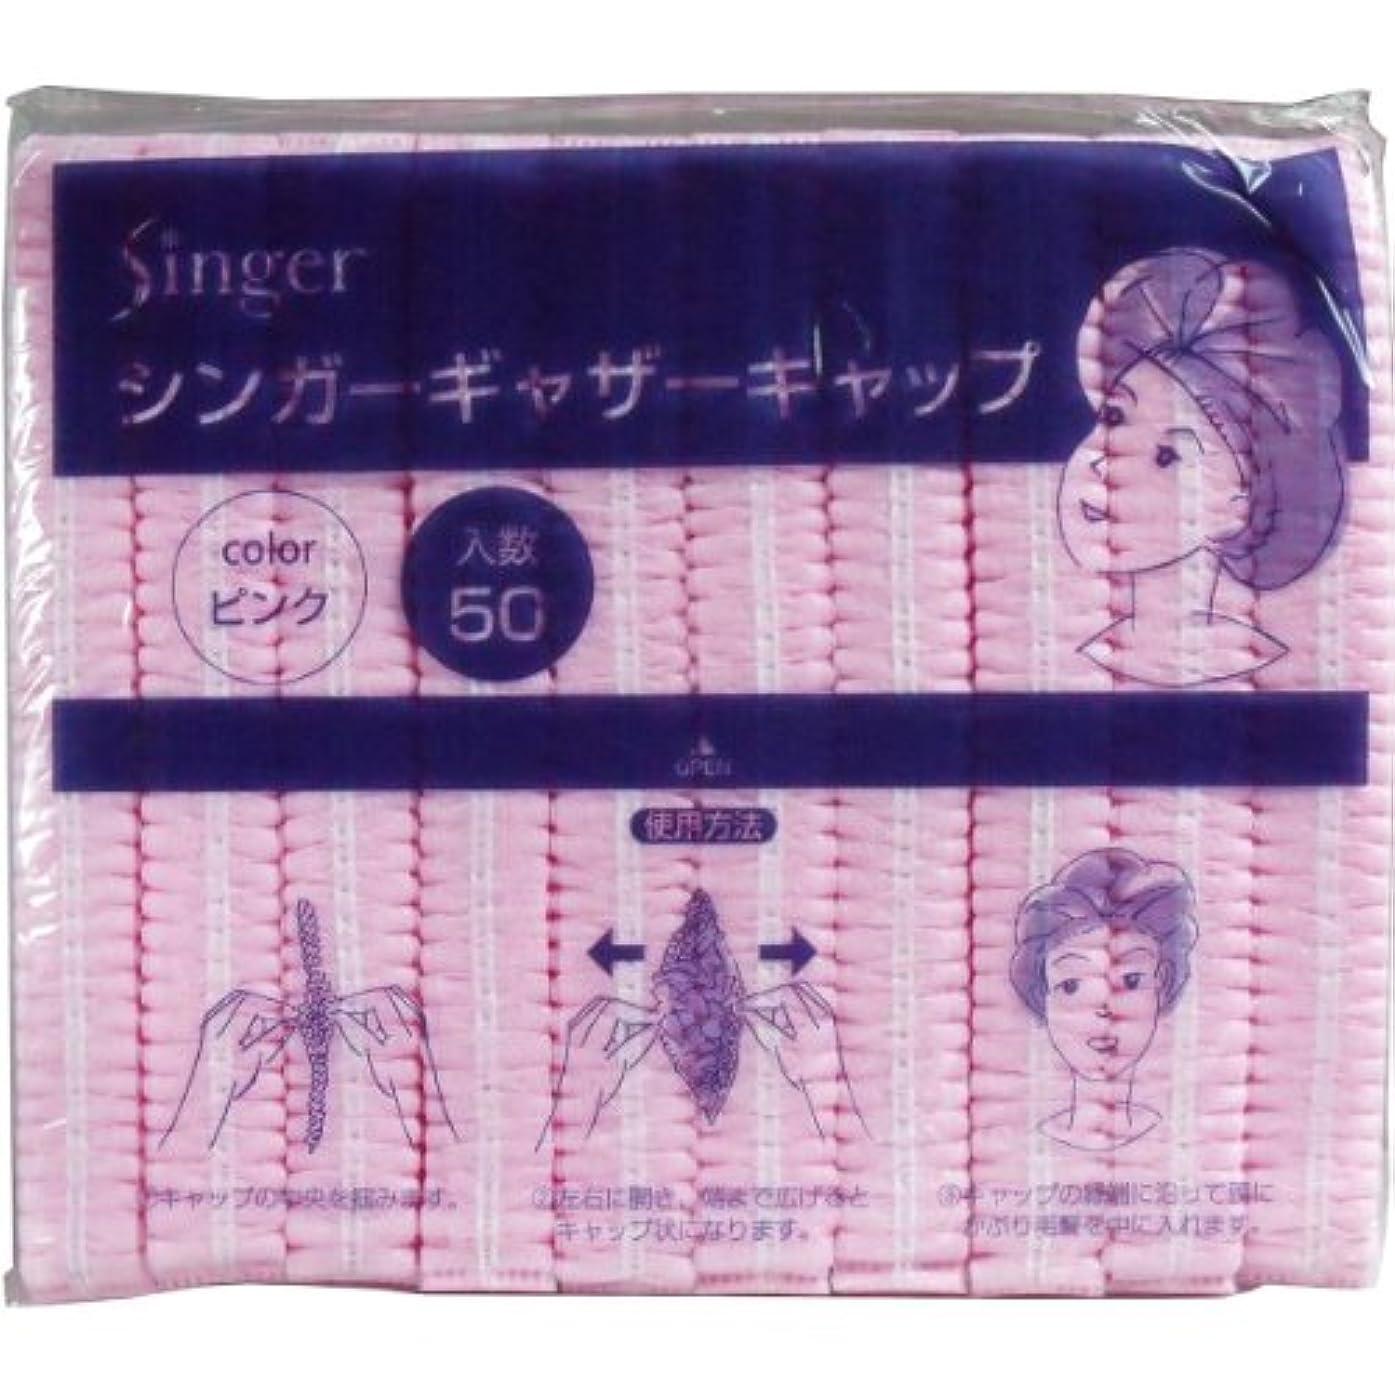 借りている報復所持宇都宮製作 不織布製衛生キャップ シンガーギャザーキャップ 50枚入 ピンク